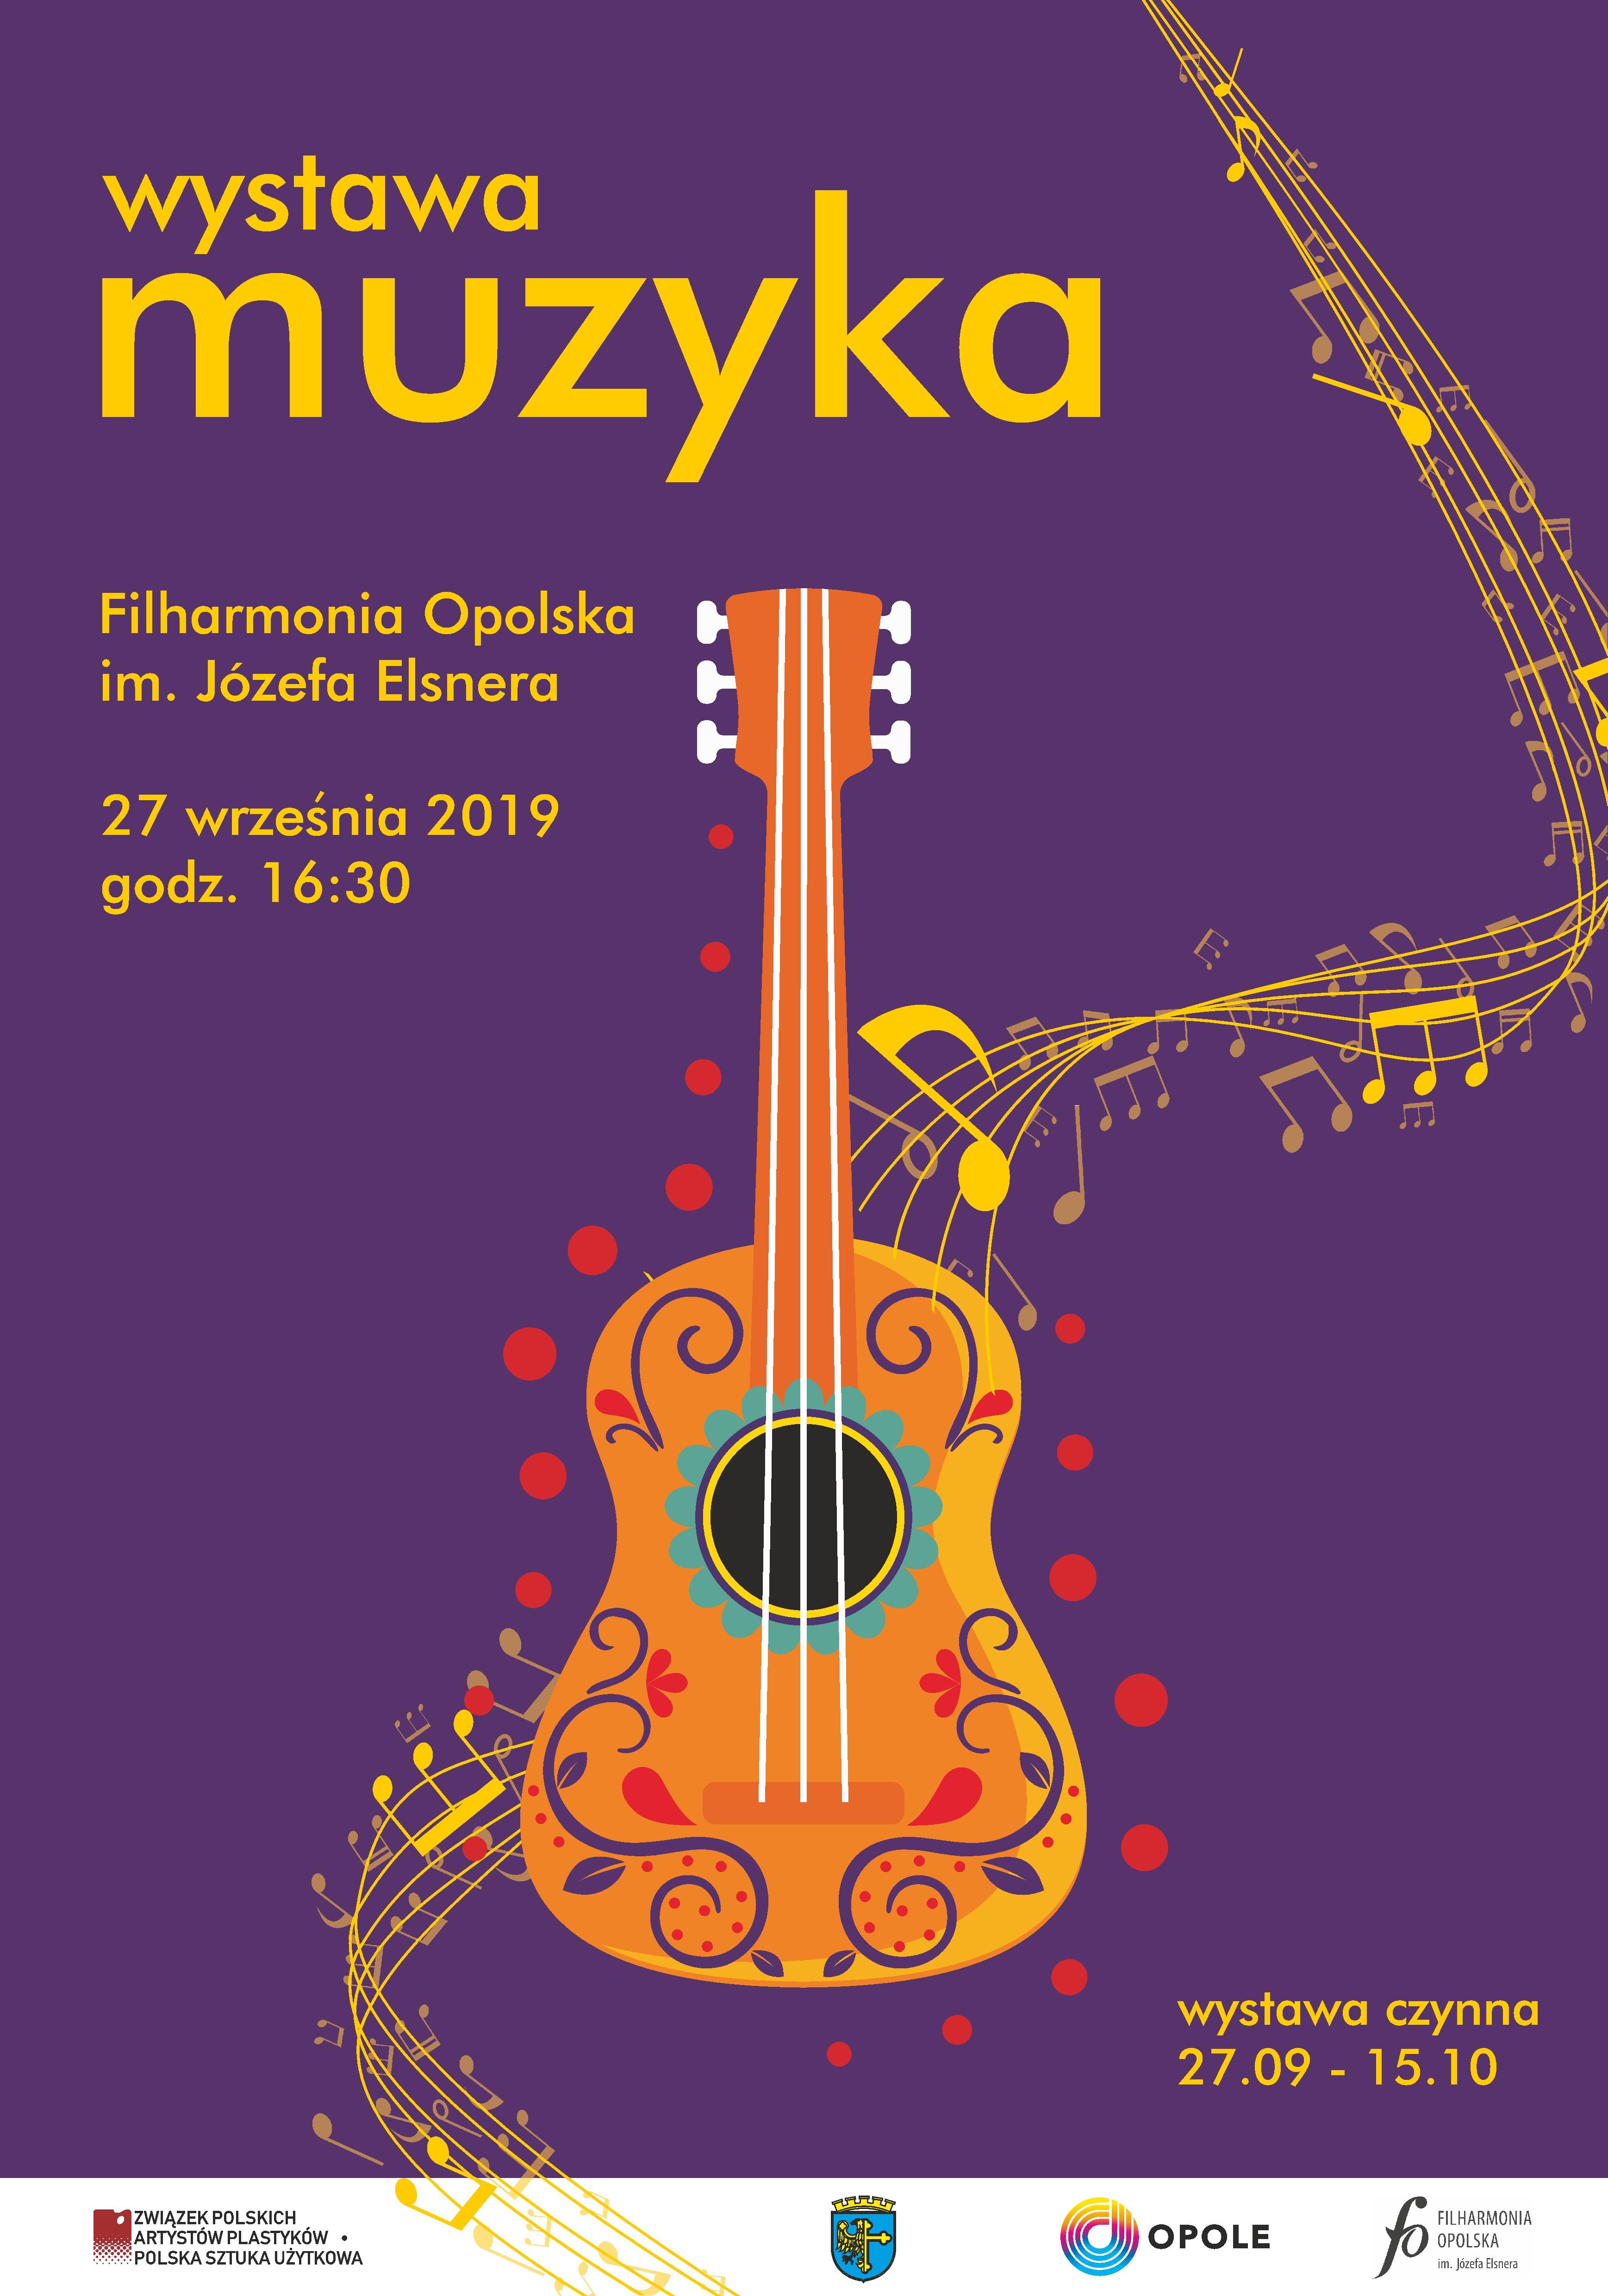 """Wystawa """"MUZYKA"""" w Filharmonii Opolskiej"""